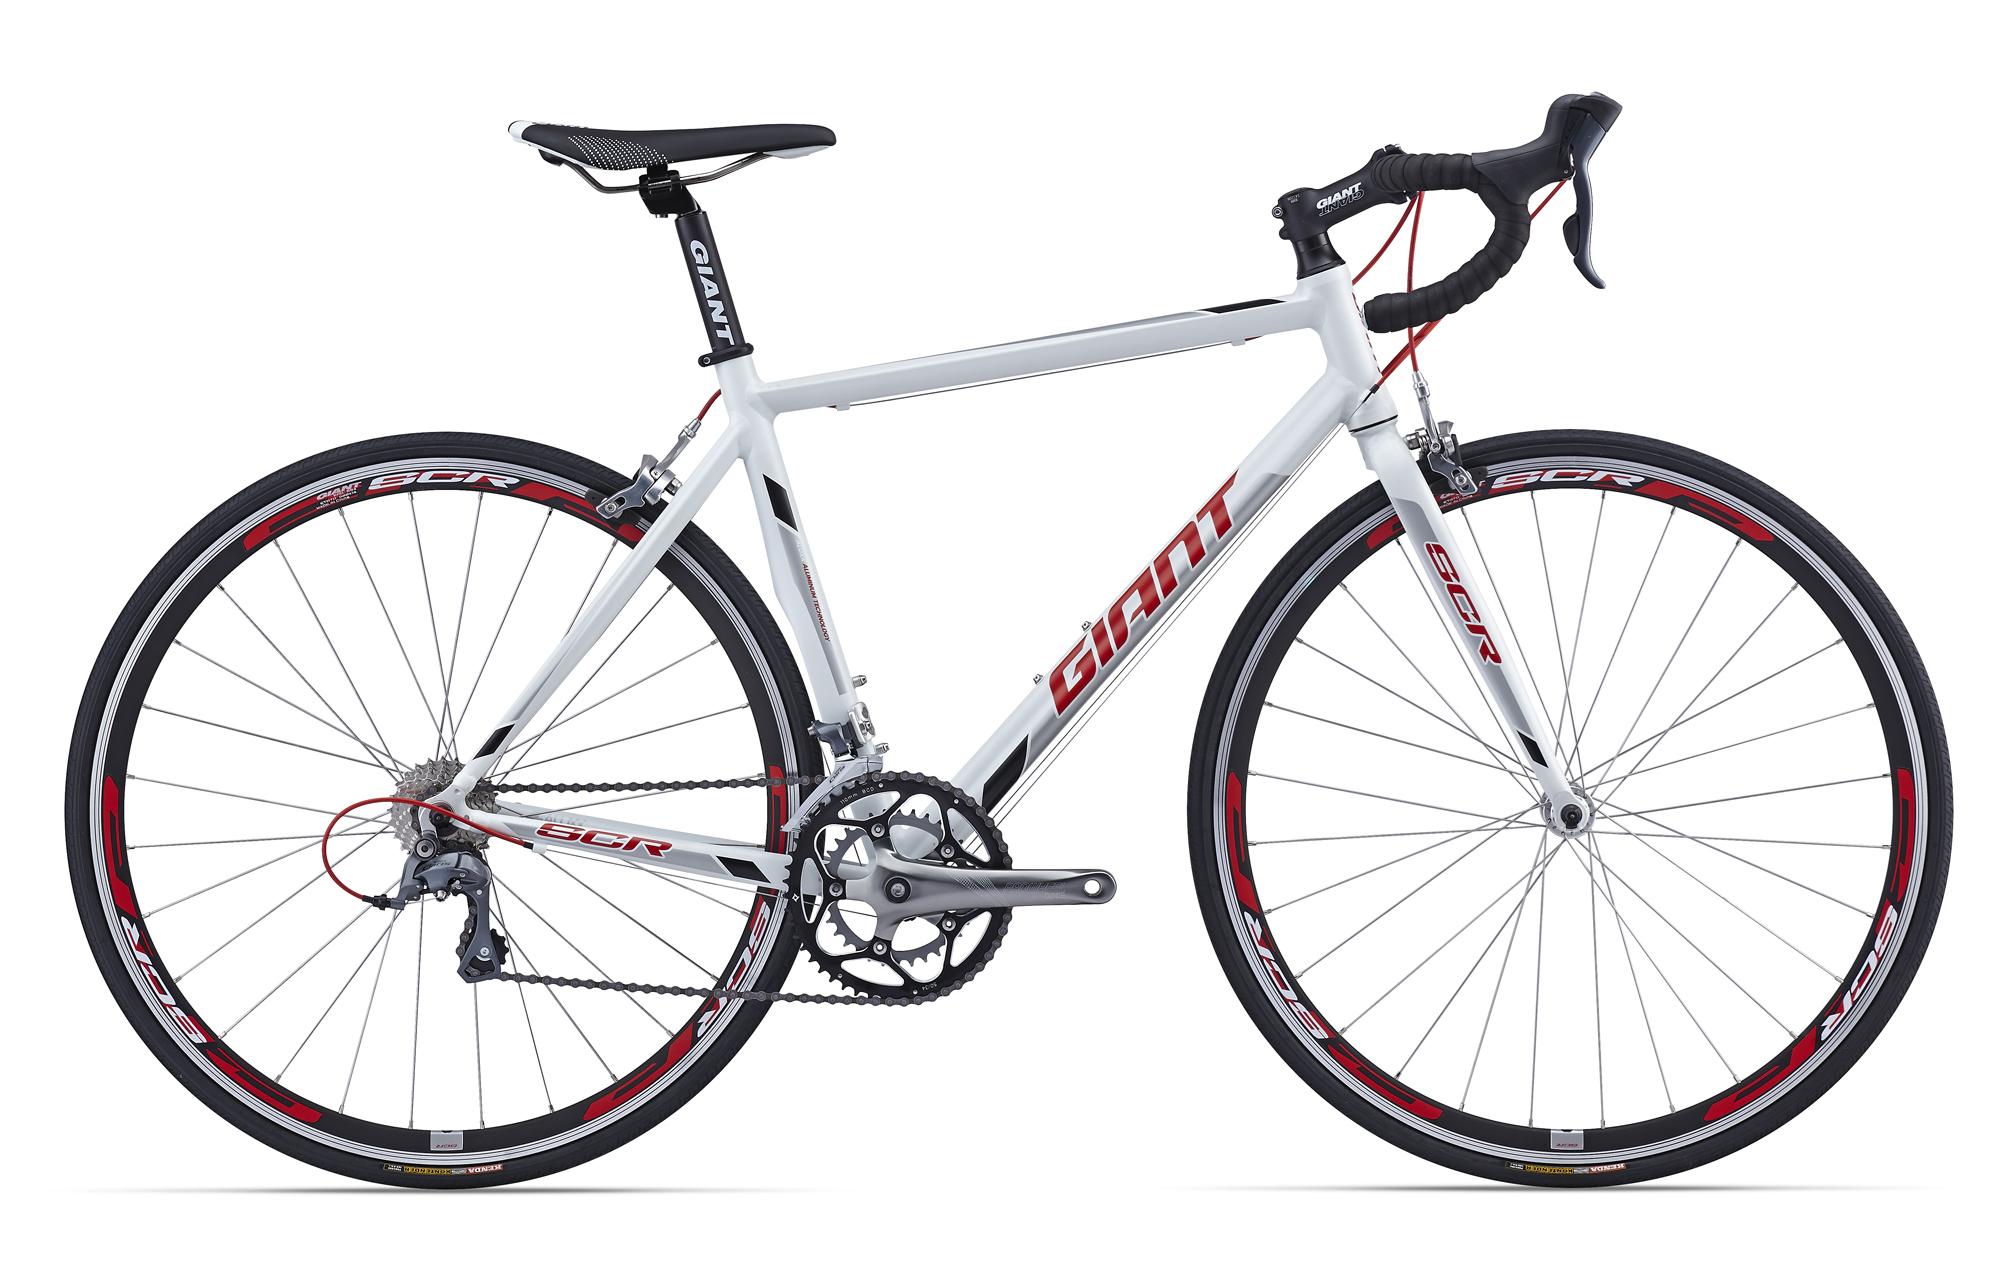 Велосипед SCR 2 Колесо:700c Рама:S Цвет:Белый от Ravta